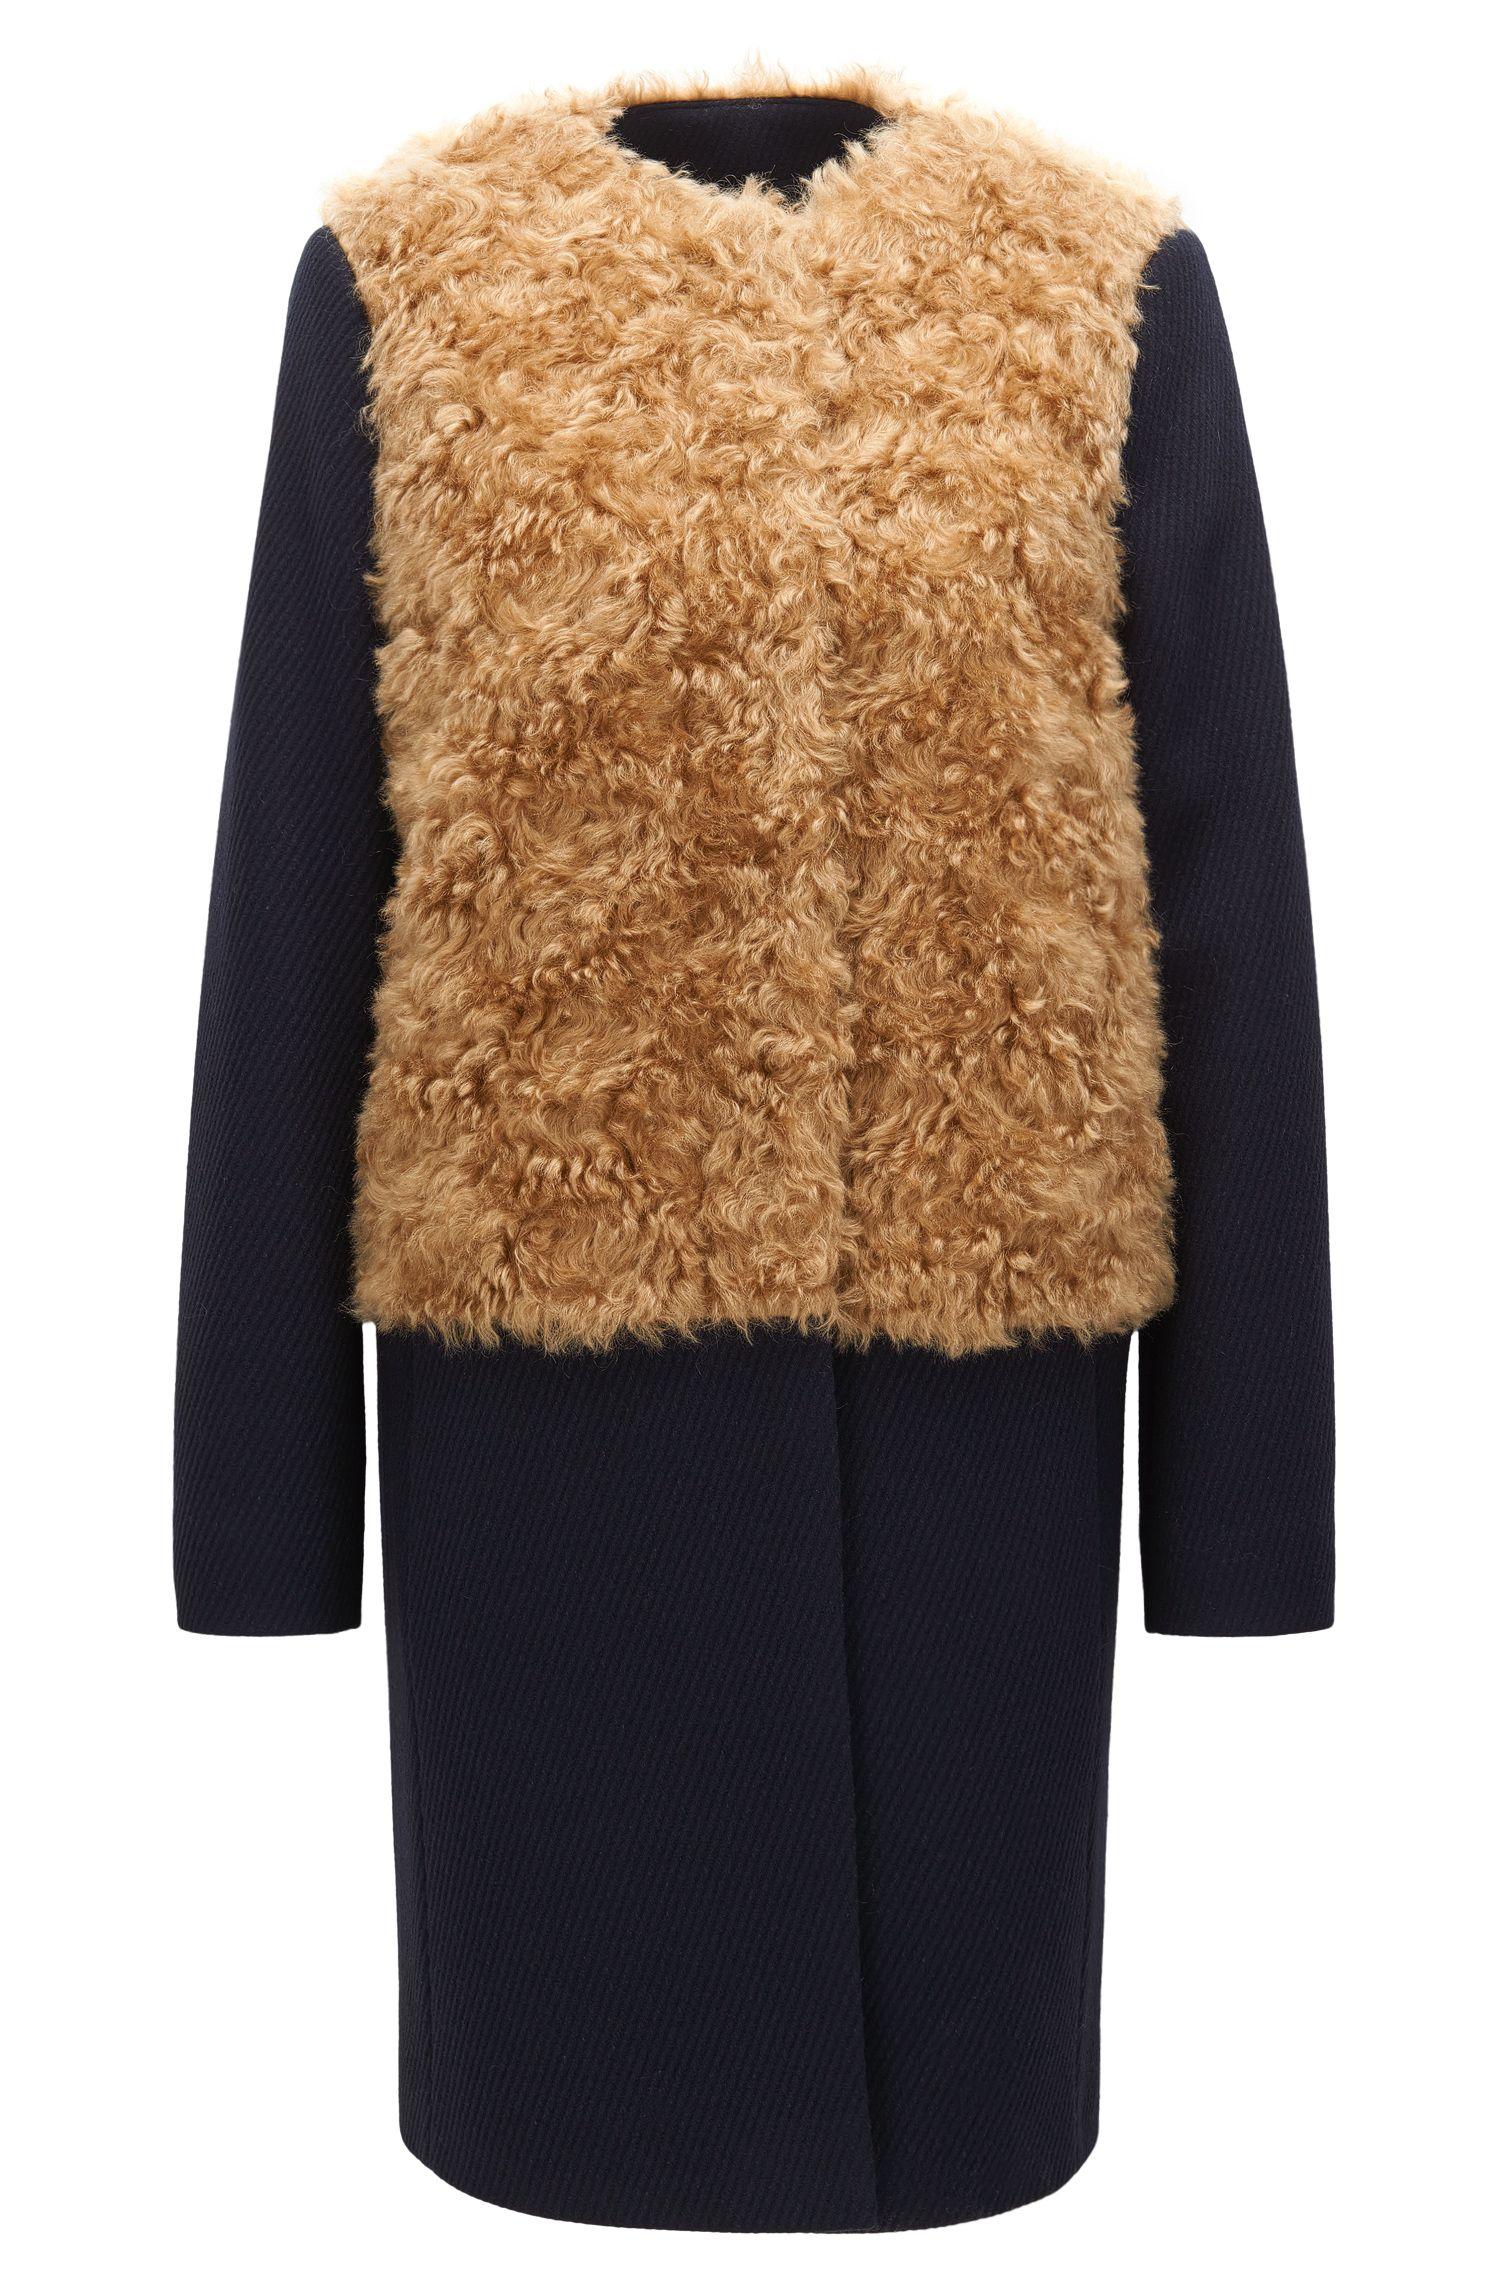 Opvallende relaxed-fit mantel van een wolmix